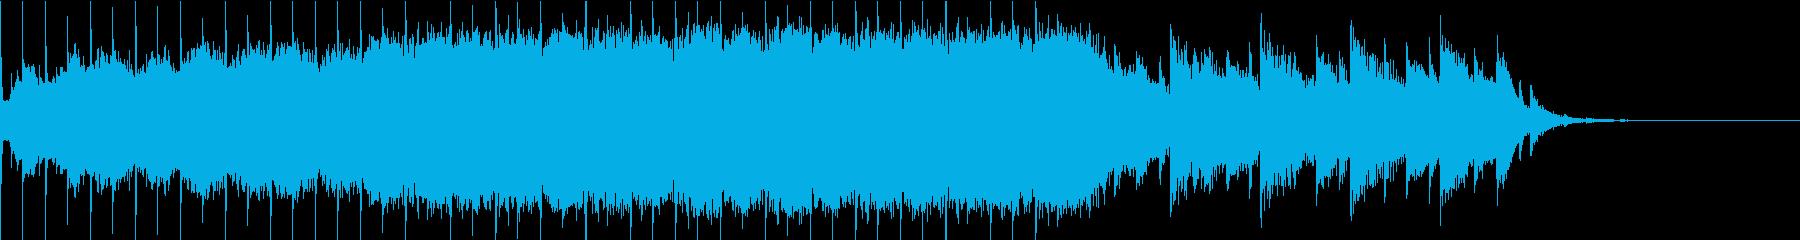 ミステリアスなアンビエントの再生済みの波形